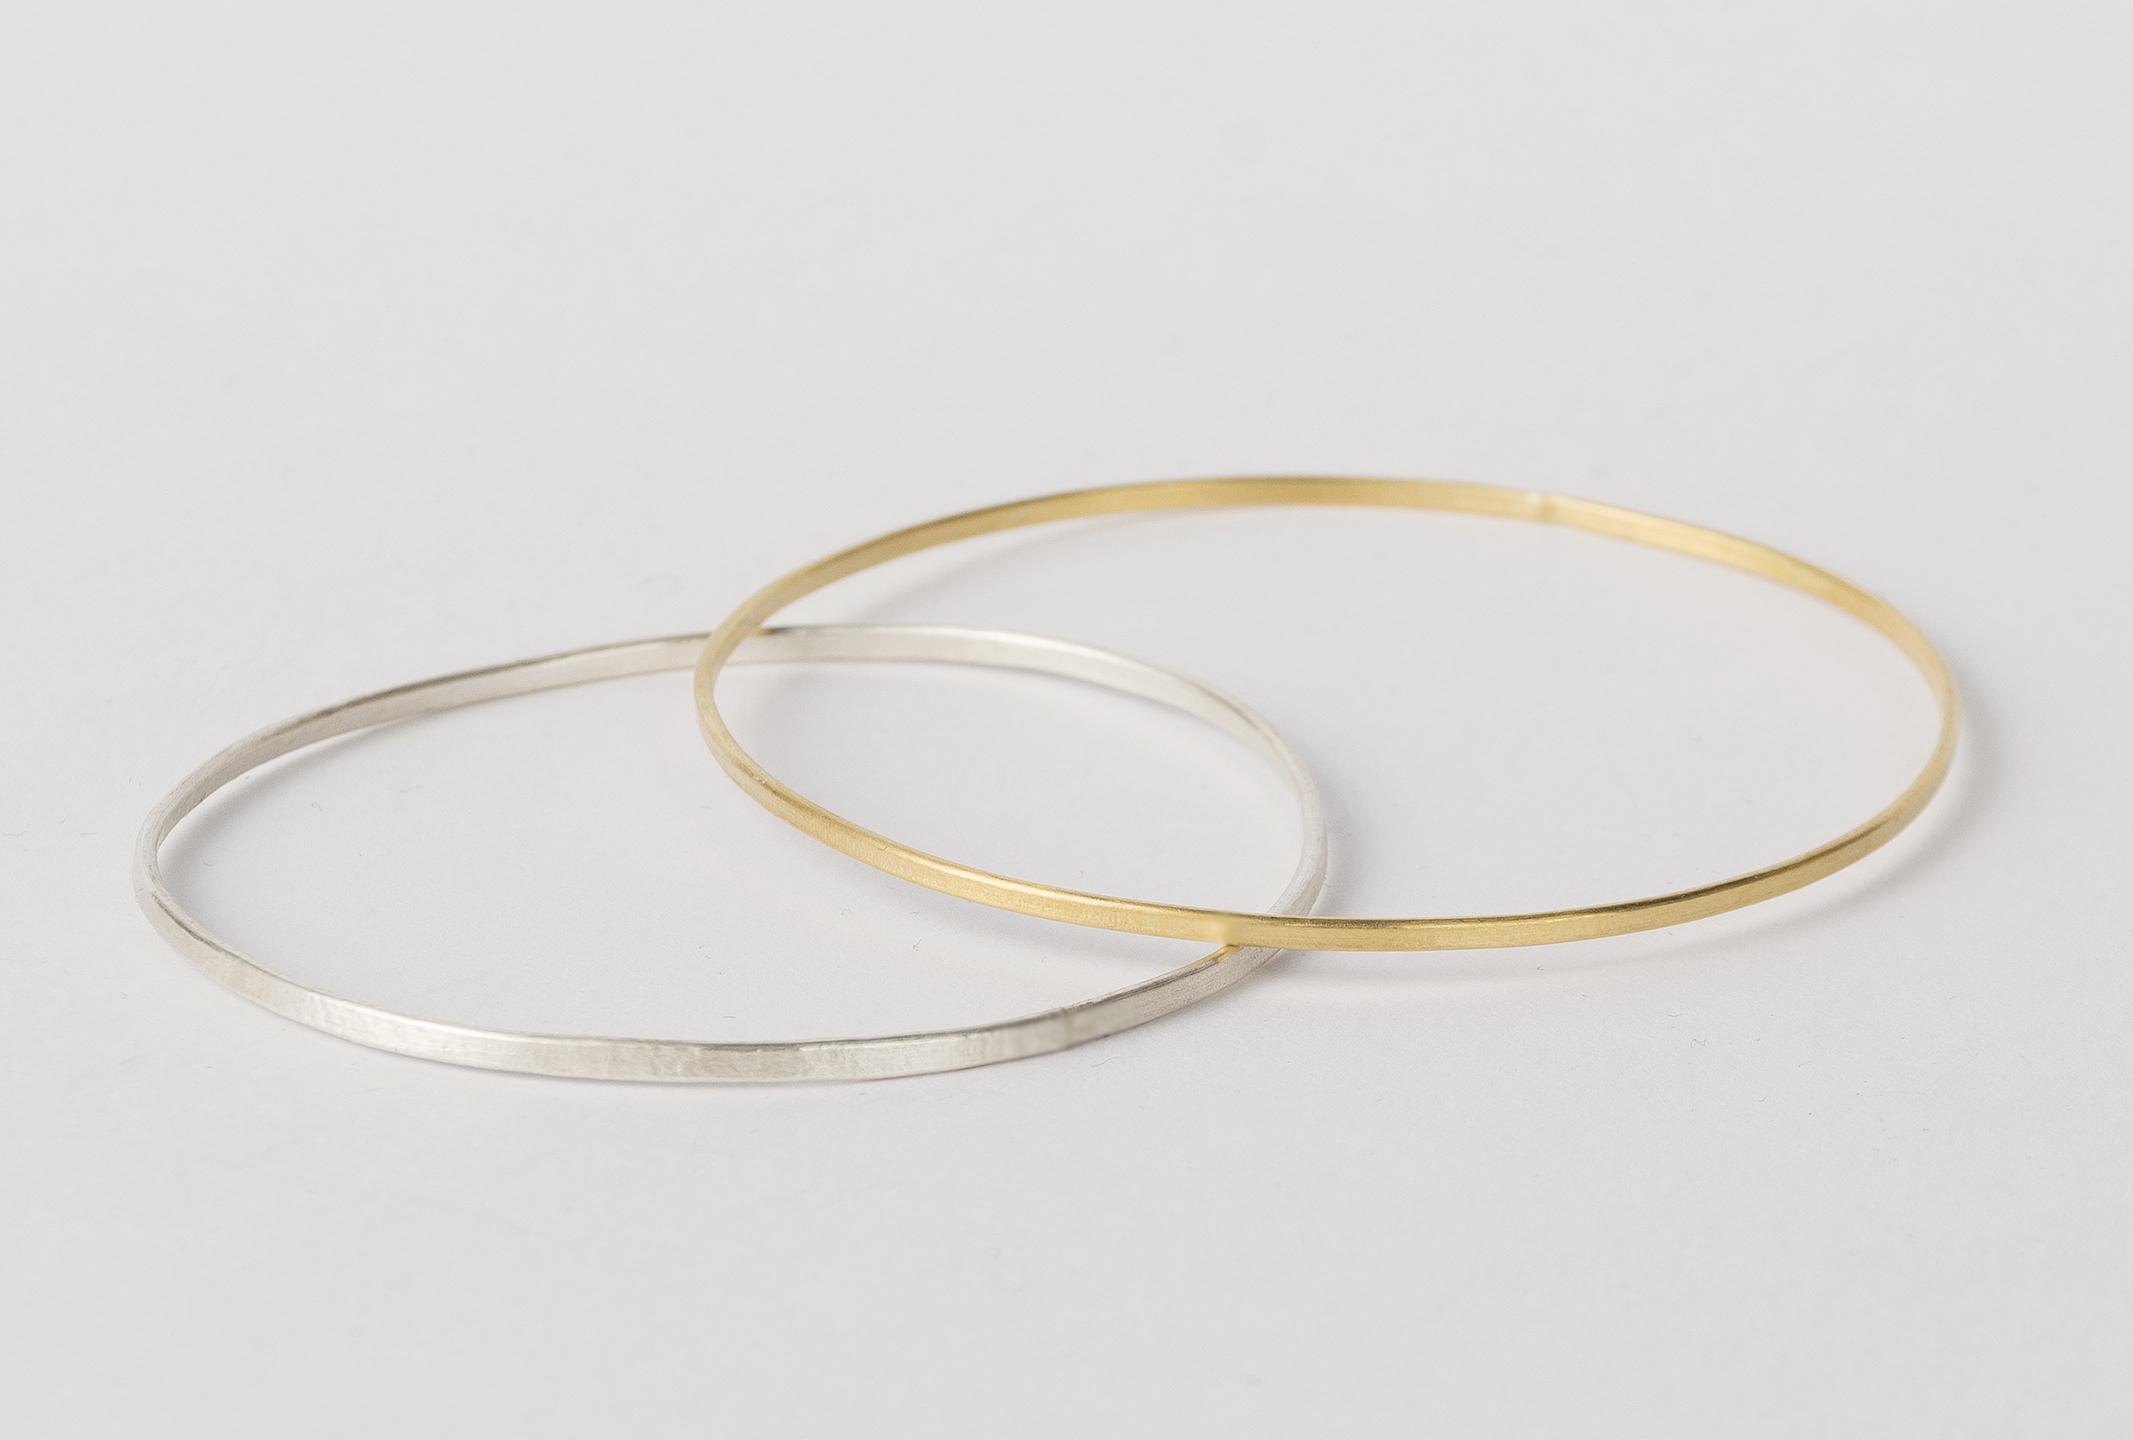 Pulsera de plata bañada en oro fina y delicada